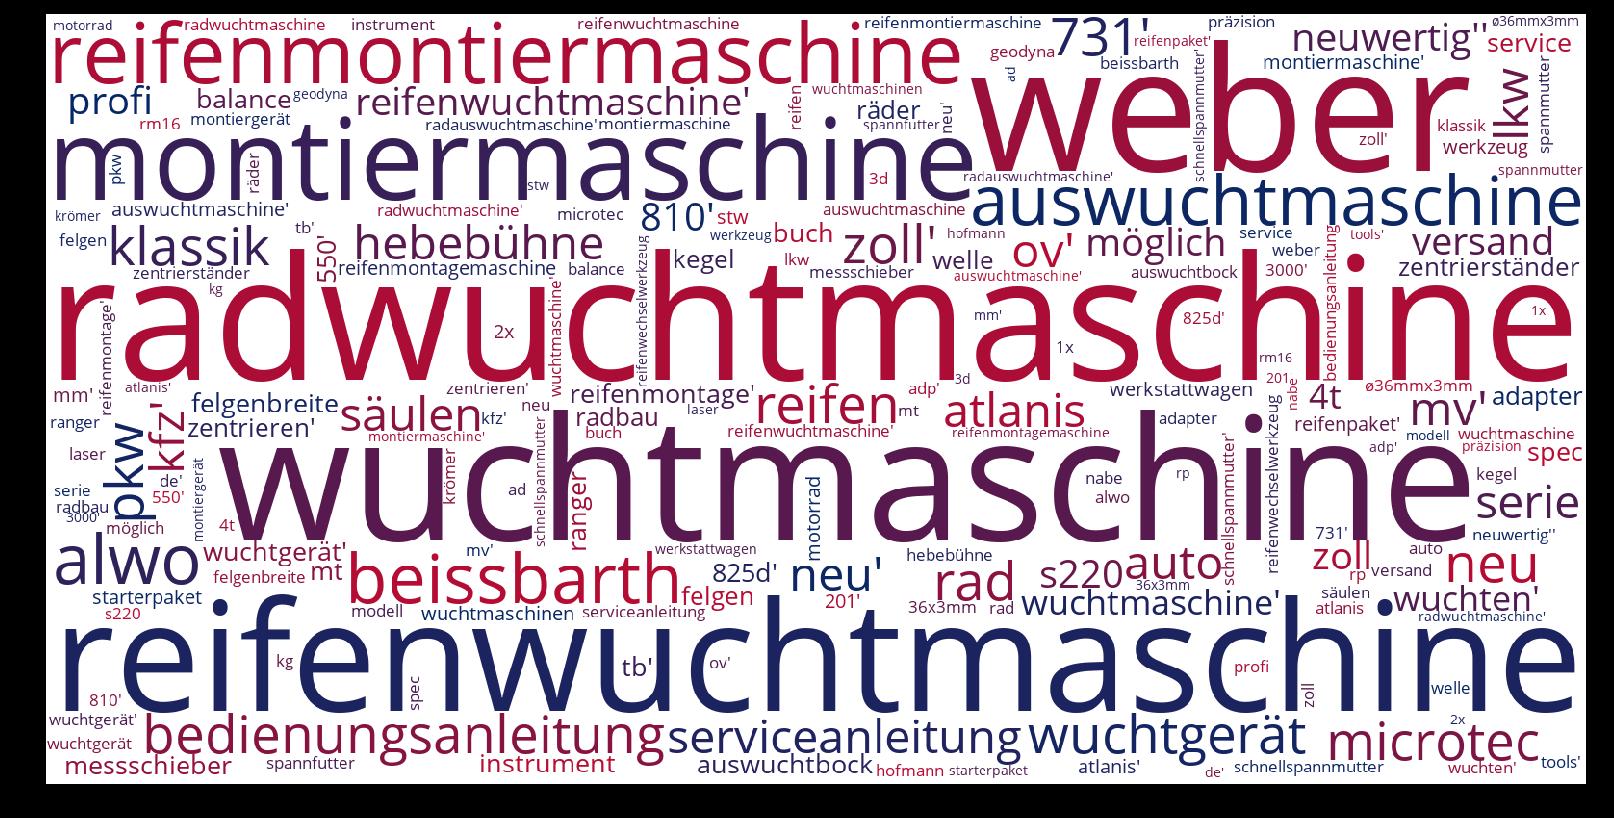 Radwuchtmaschine-wordcloud